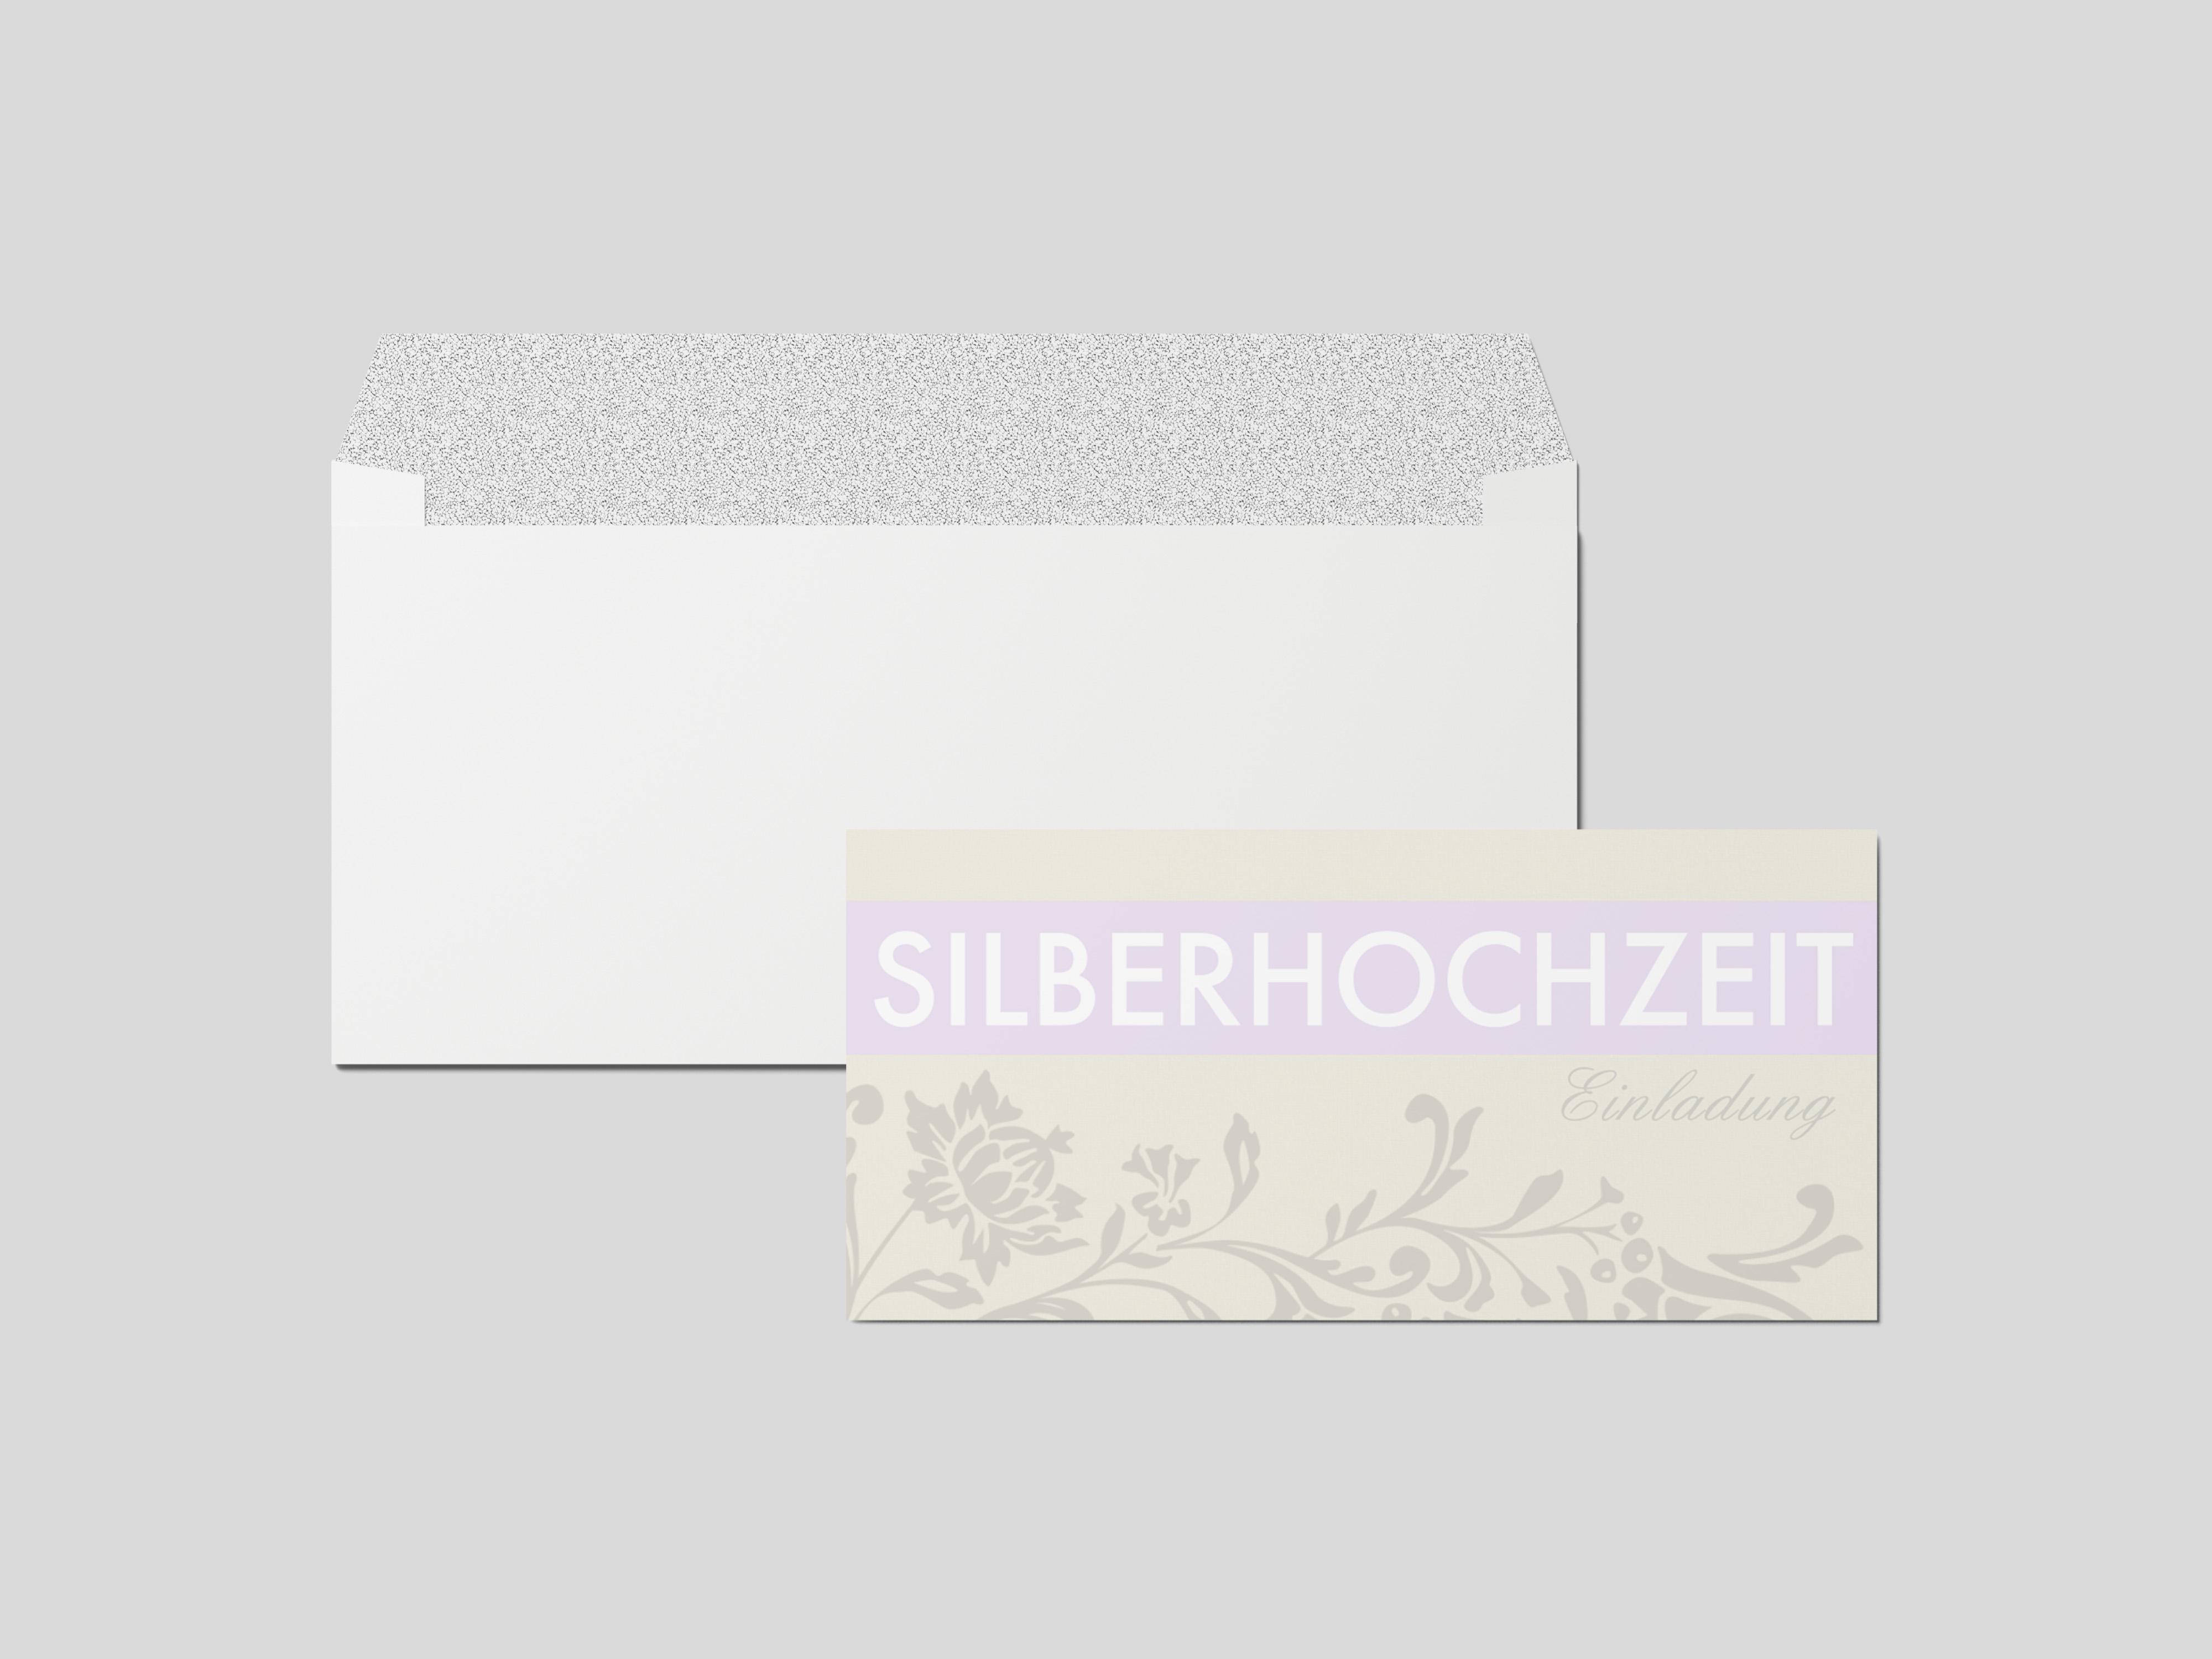 Einladungskarte Silberhochzeit Blumen Ornament